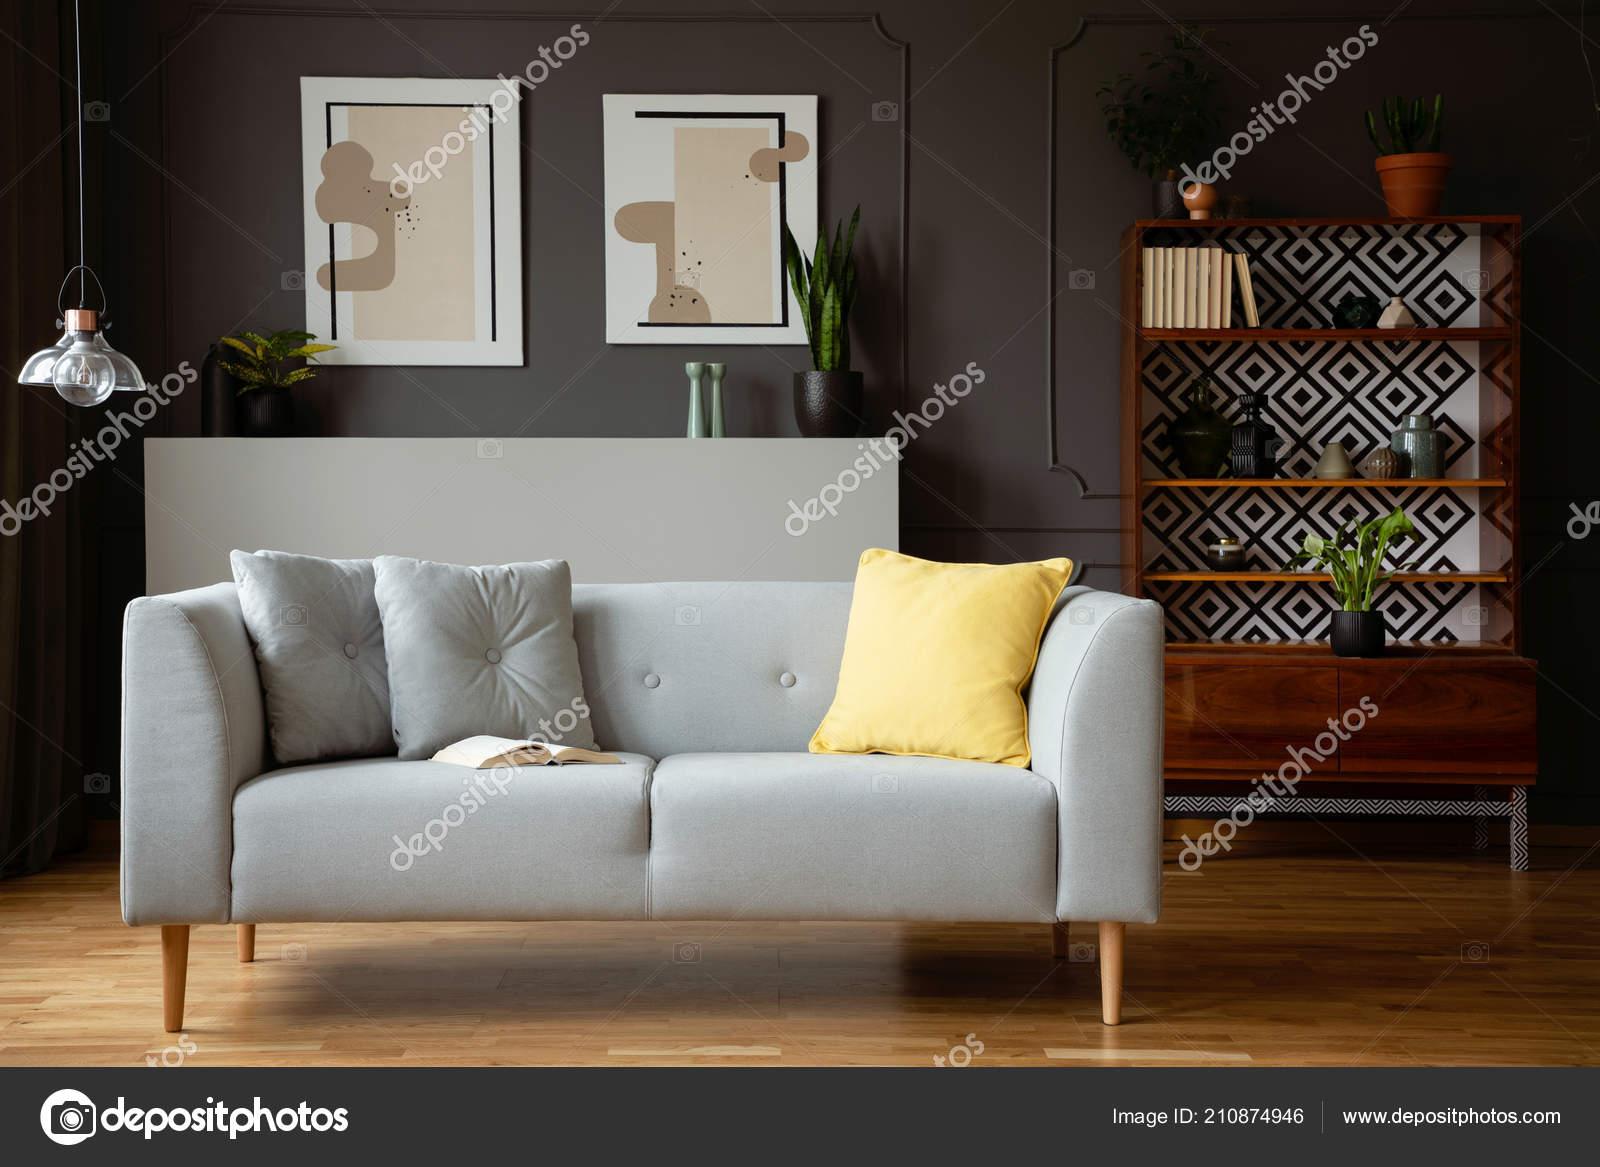 Gelbes Kissen Auf Graue Couch Vintage Wohnzimmer Interieur Mit Lampe